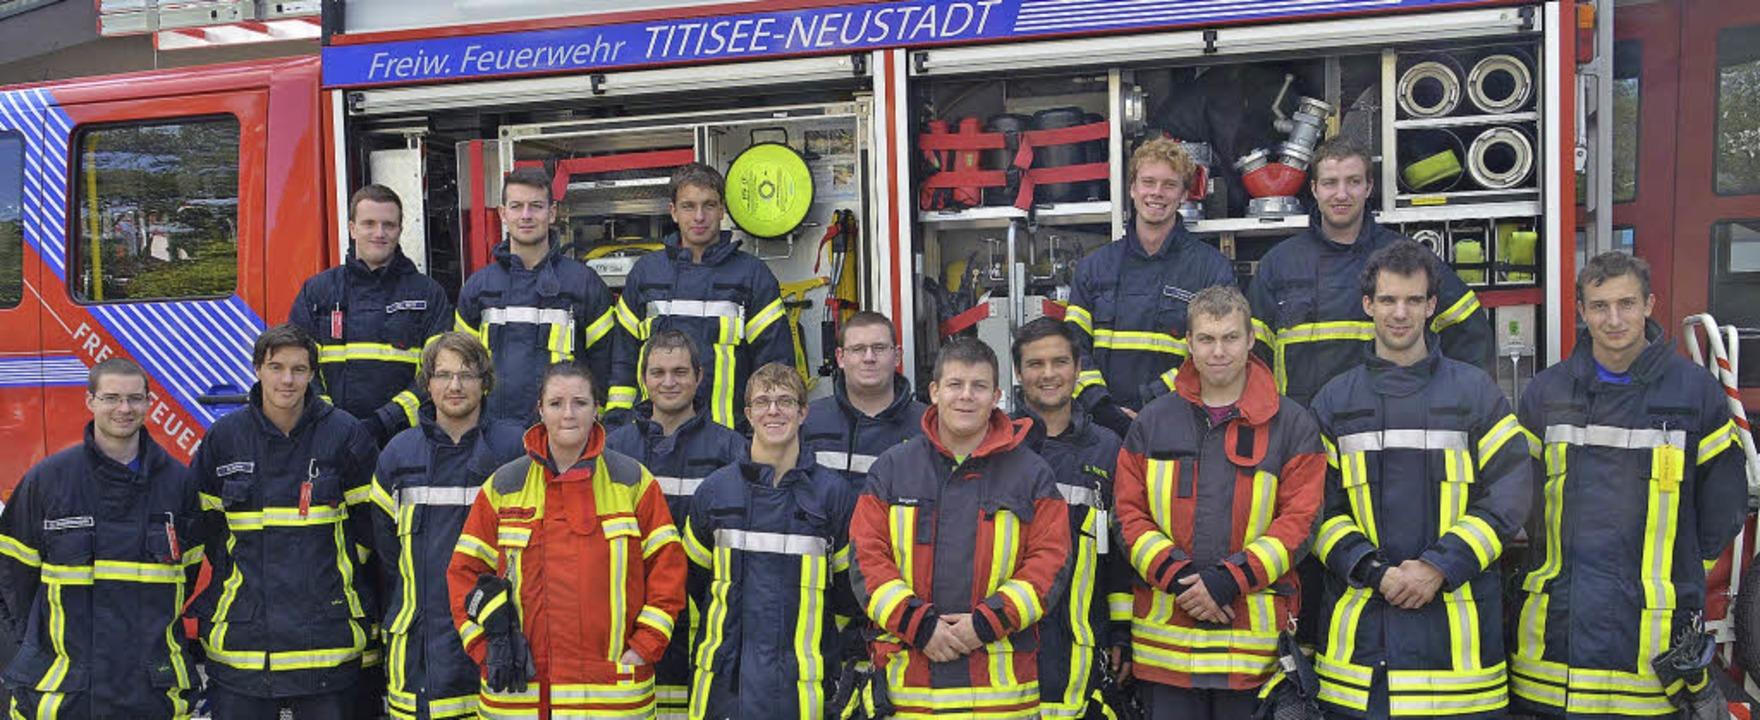 17 Feuerwehrleute haben  ihre Truppführerausbildung erfolgreich abgeschlossen.     Foto: feuerwehr